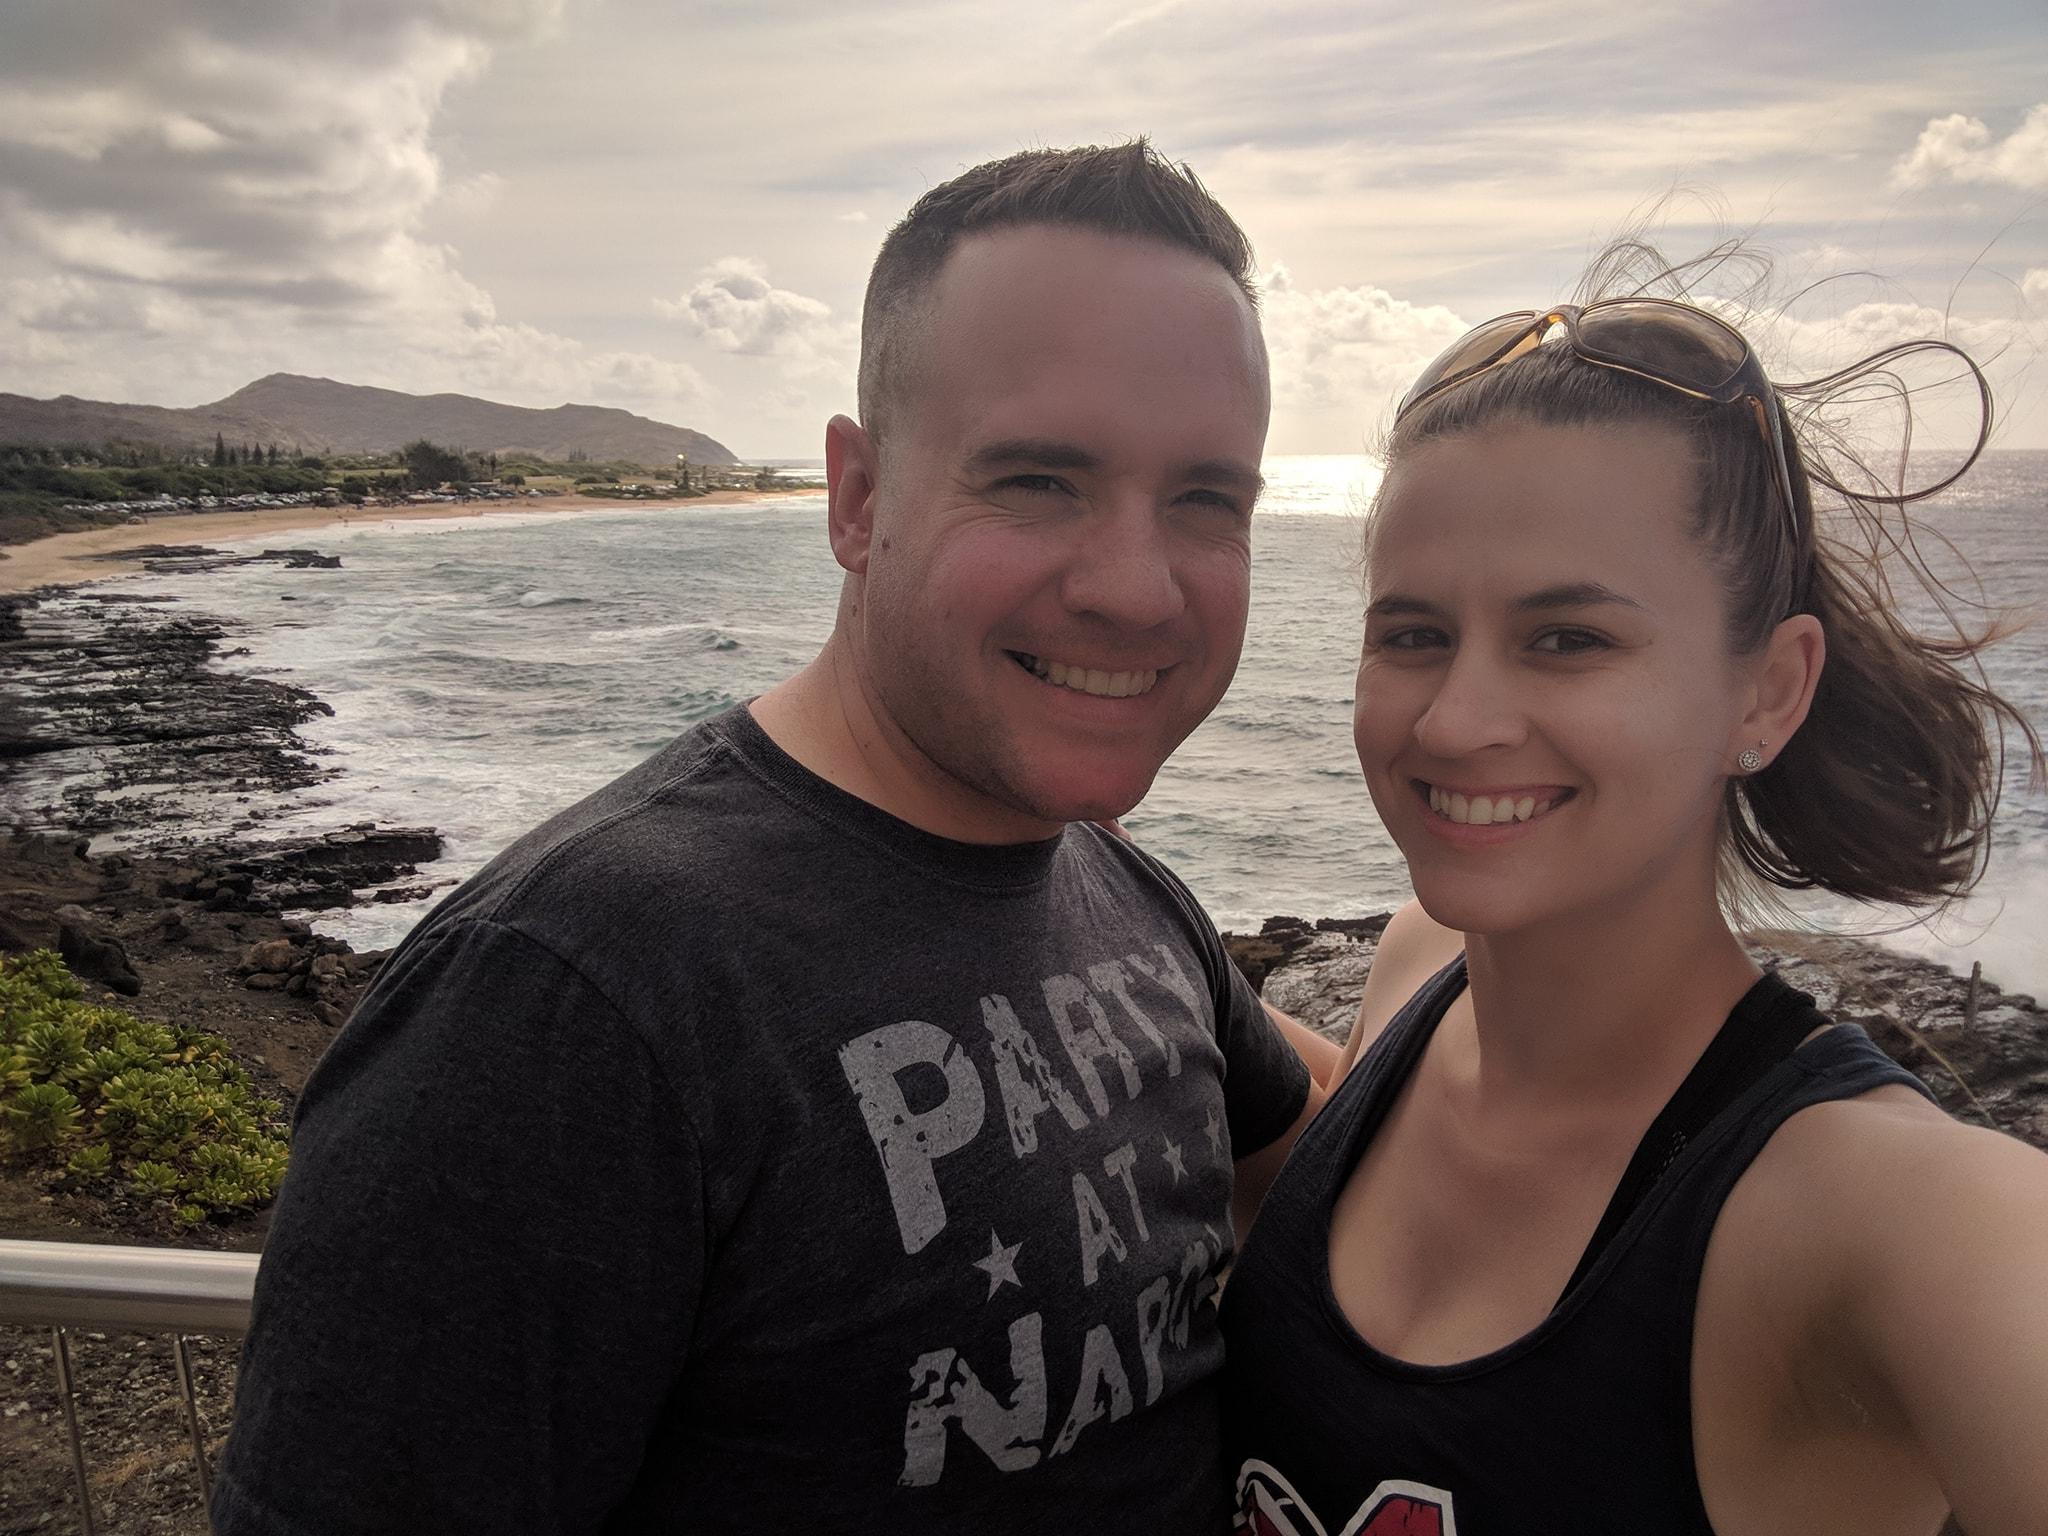 Vince and Laura Olman – Virginia, USA